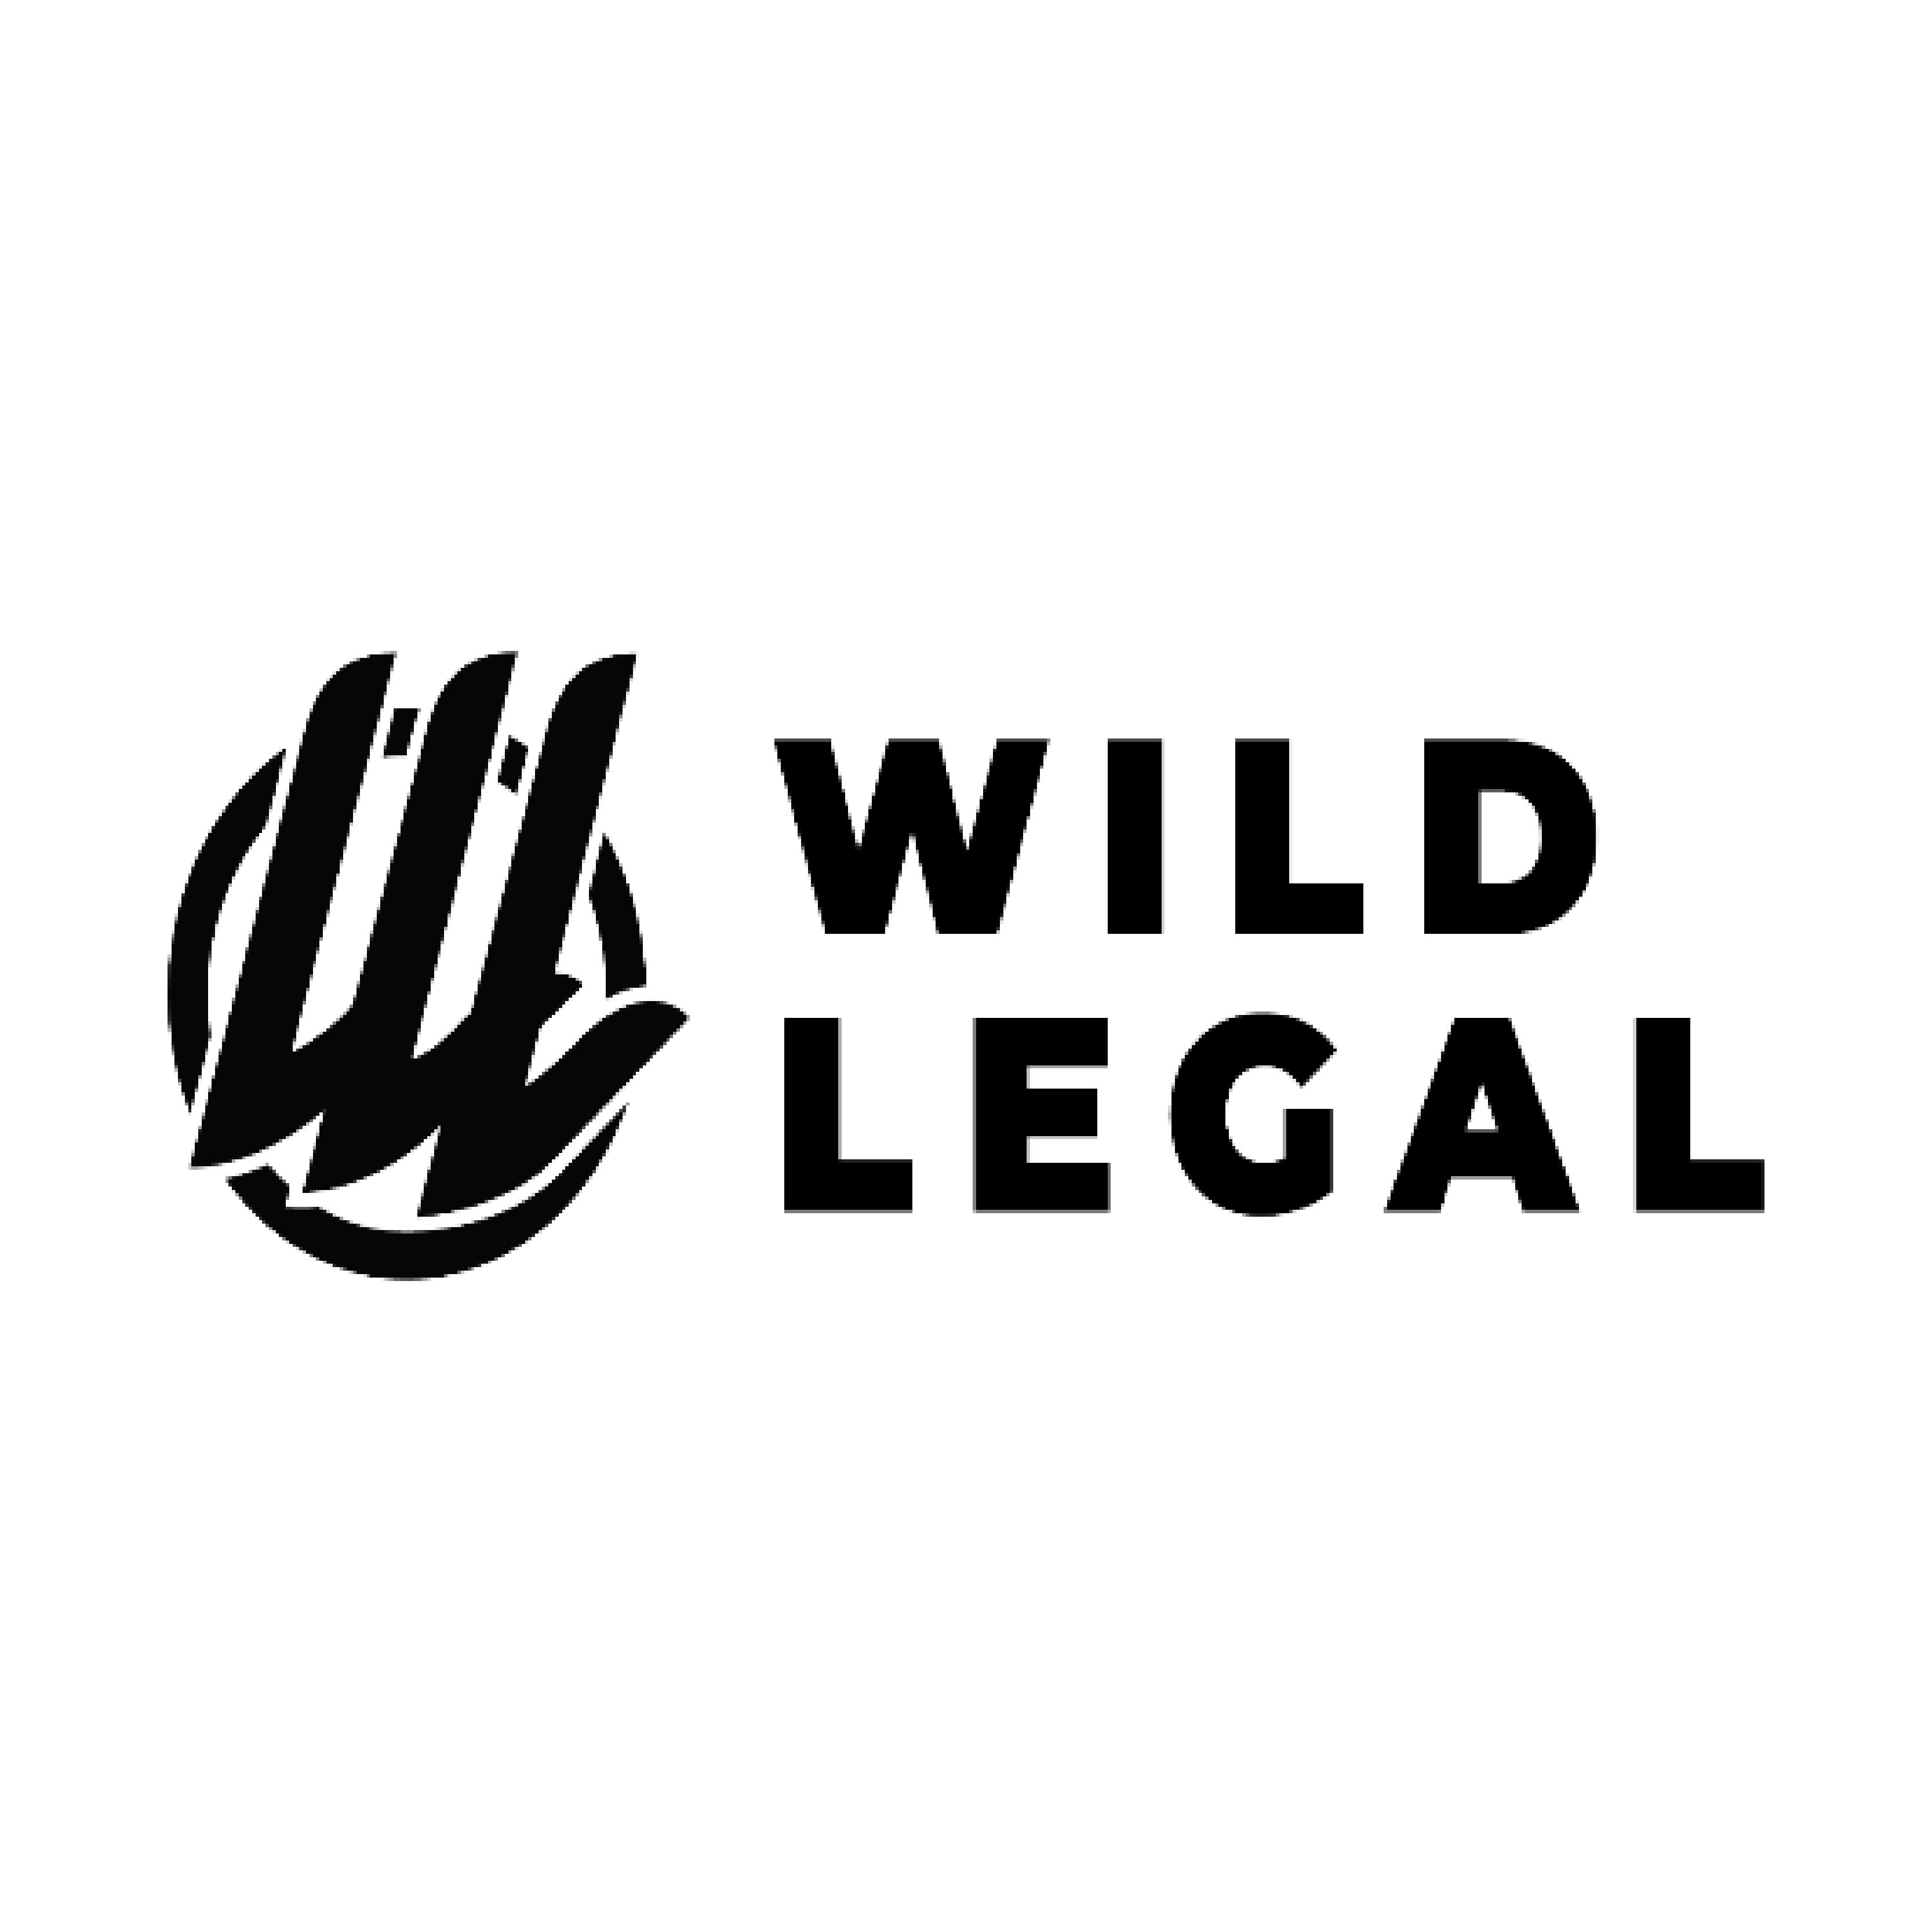 Wild Legal